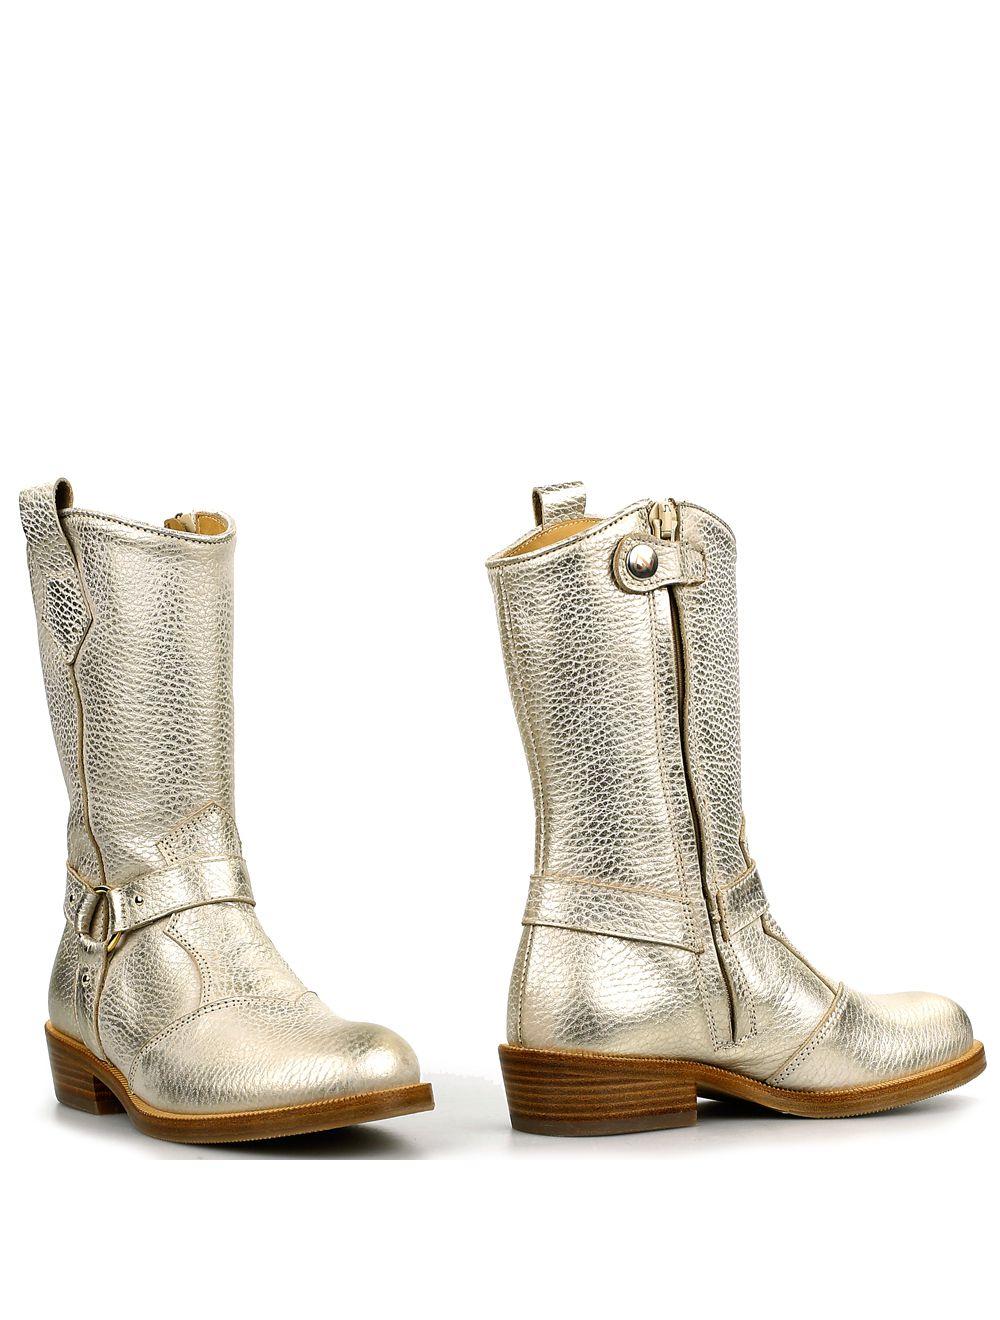 Meisjes laarzen | deschoenenoutlet.nl